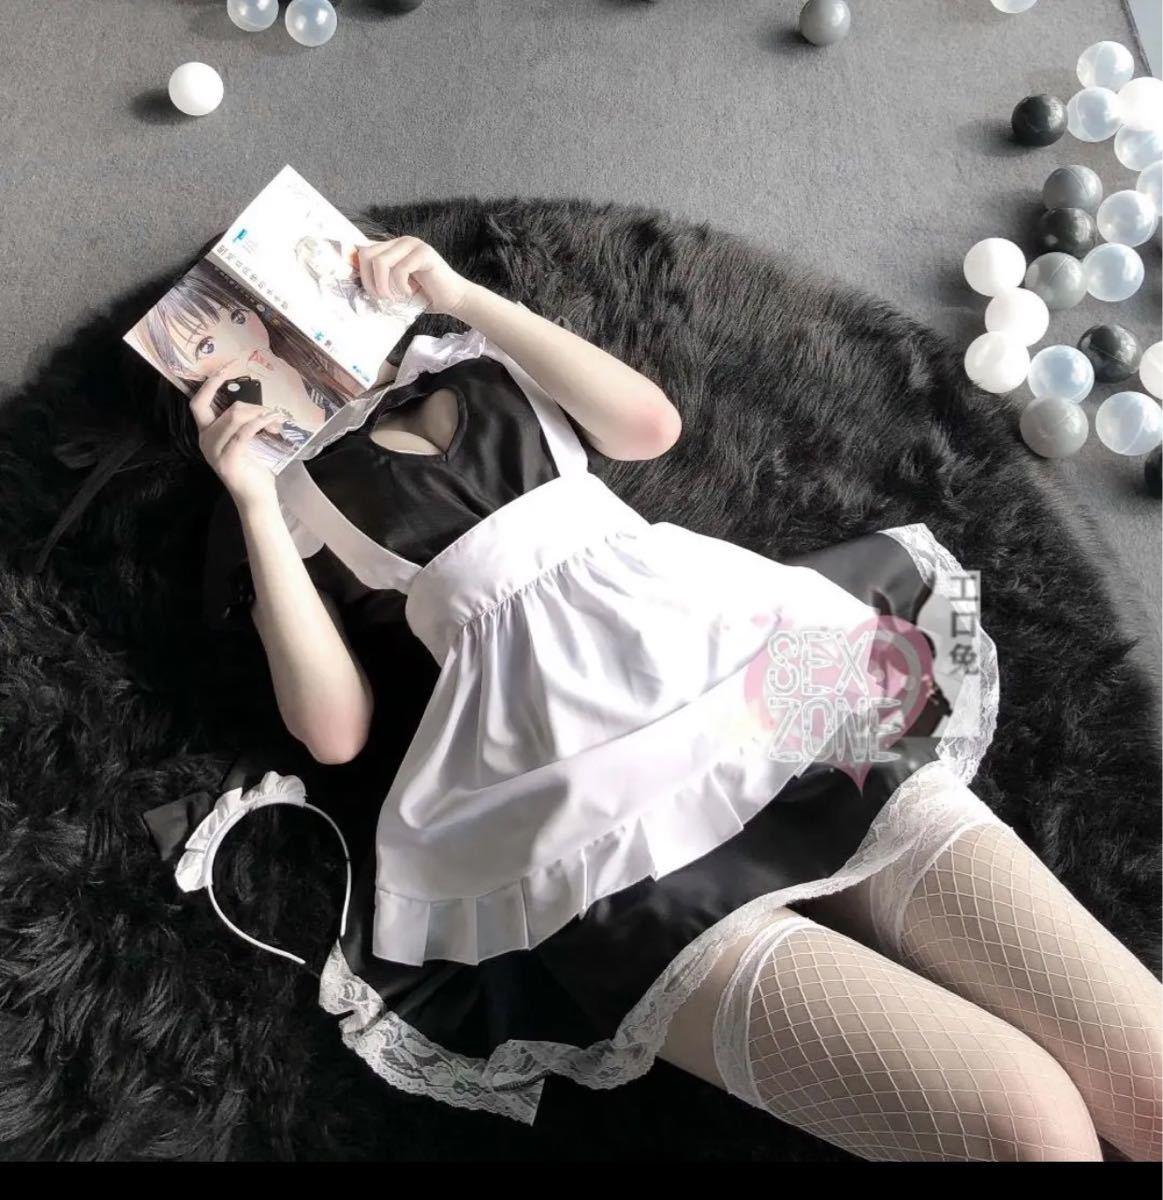 セクシーコスプレ 超可愛いハートメイド服 セクシーランジェリーセット